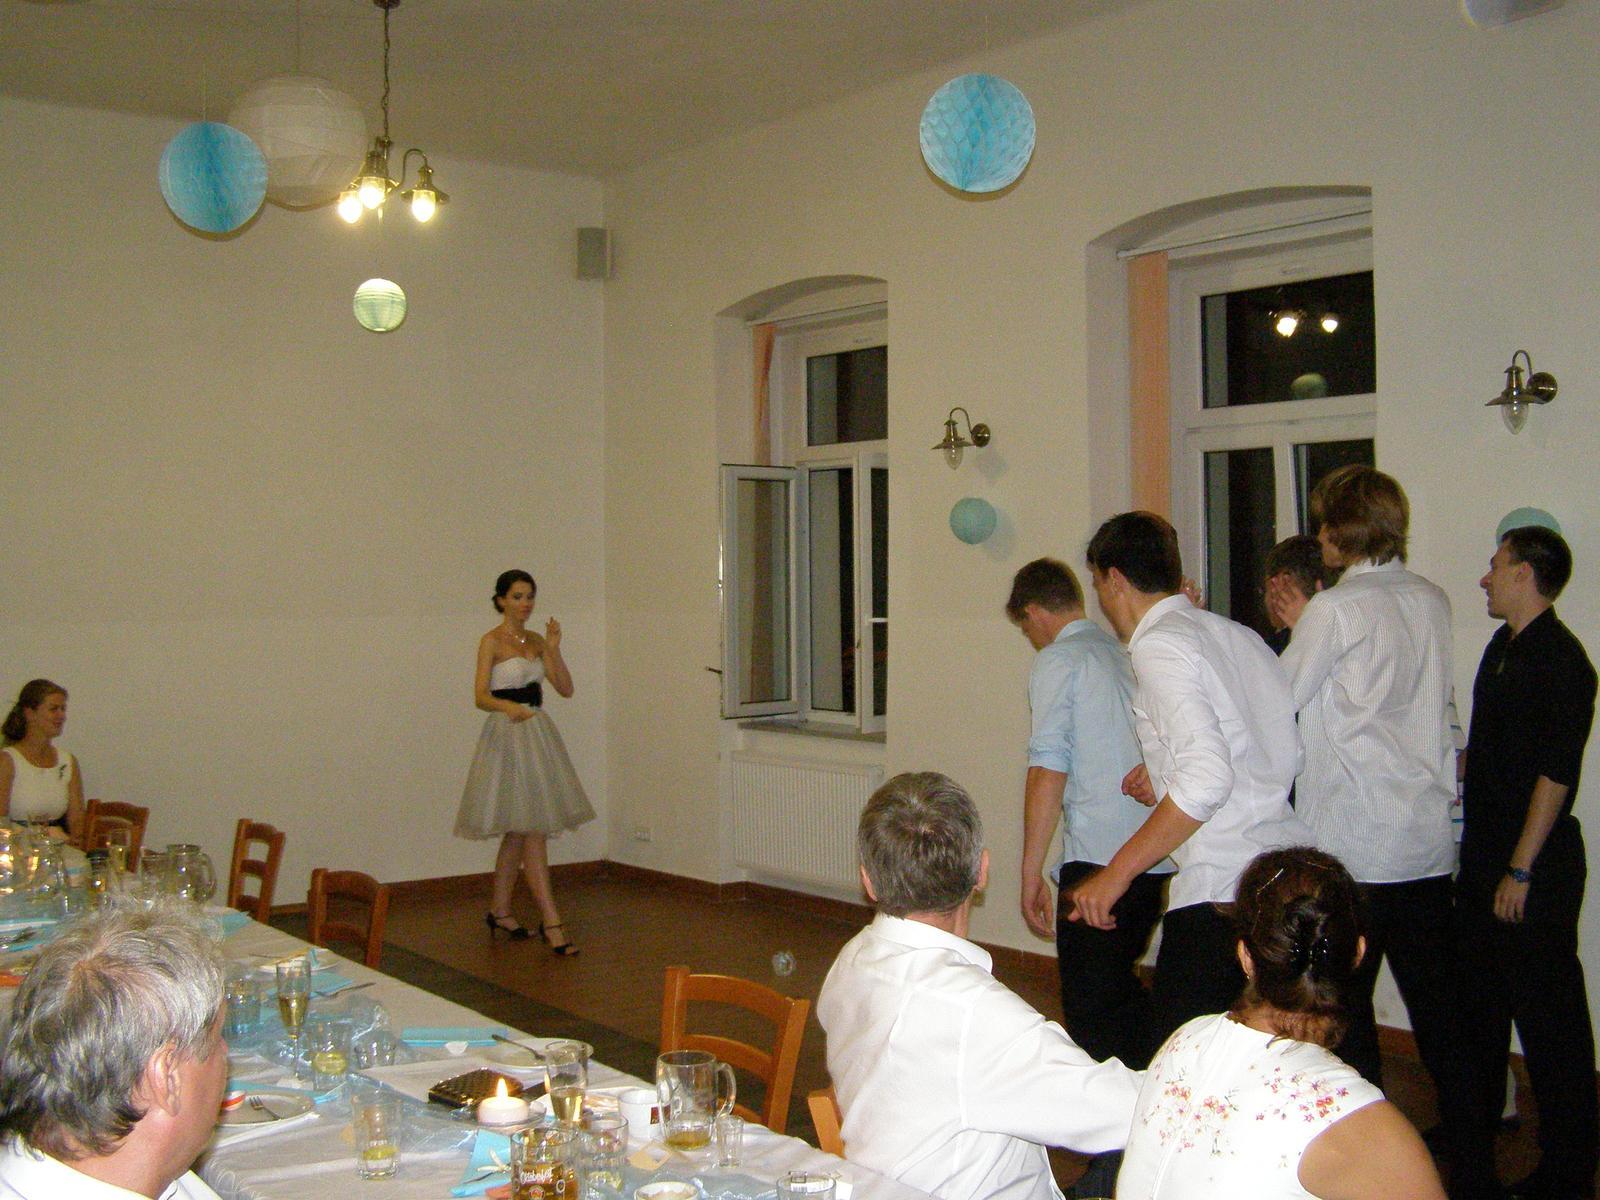 Pivovar Podlesí - svatba 2.9.2016 - .....malá změna... místo kytice svobodným slečnám hází nevěsta svobodným mládencům svůj podvazek.........